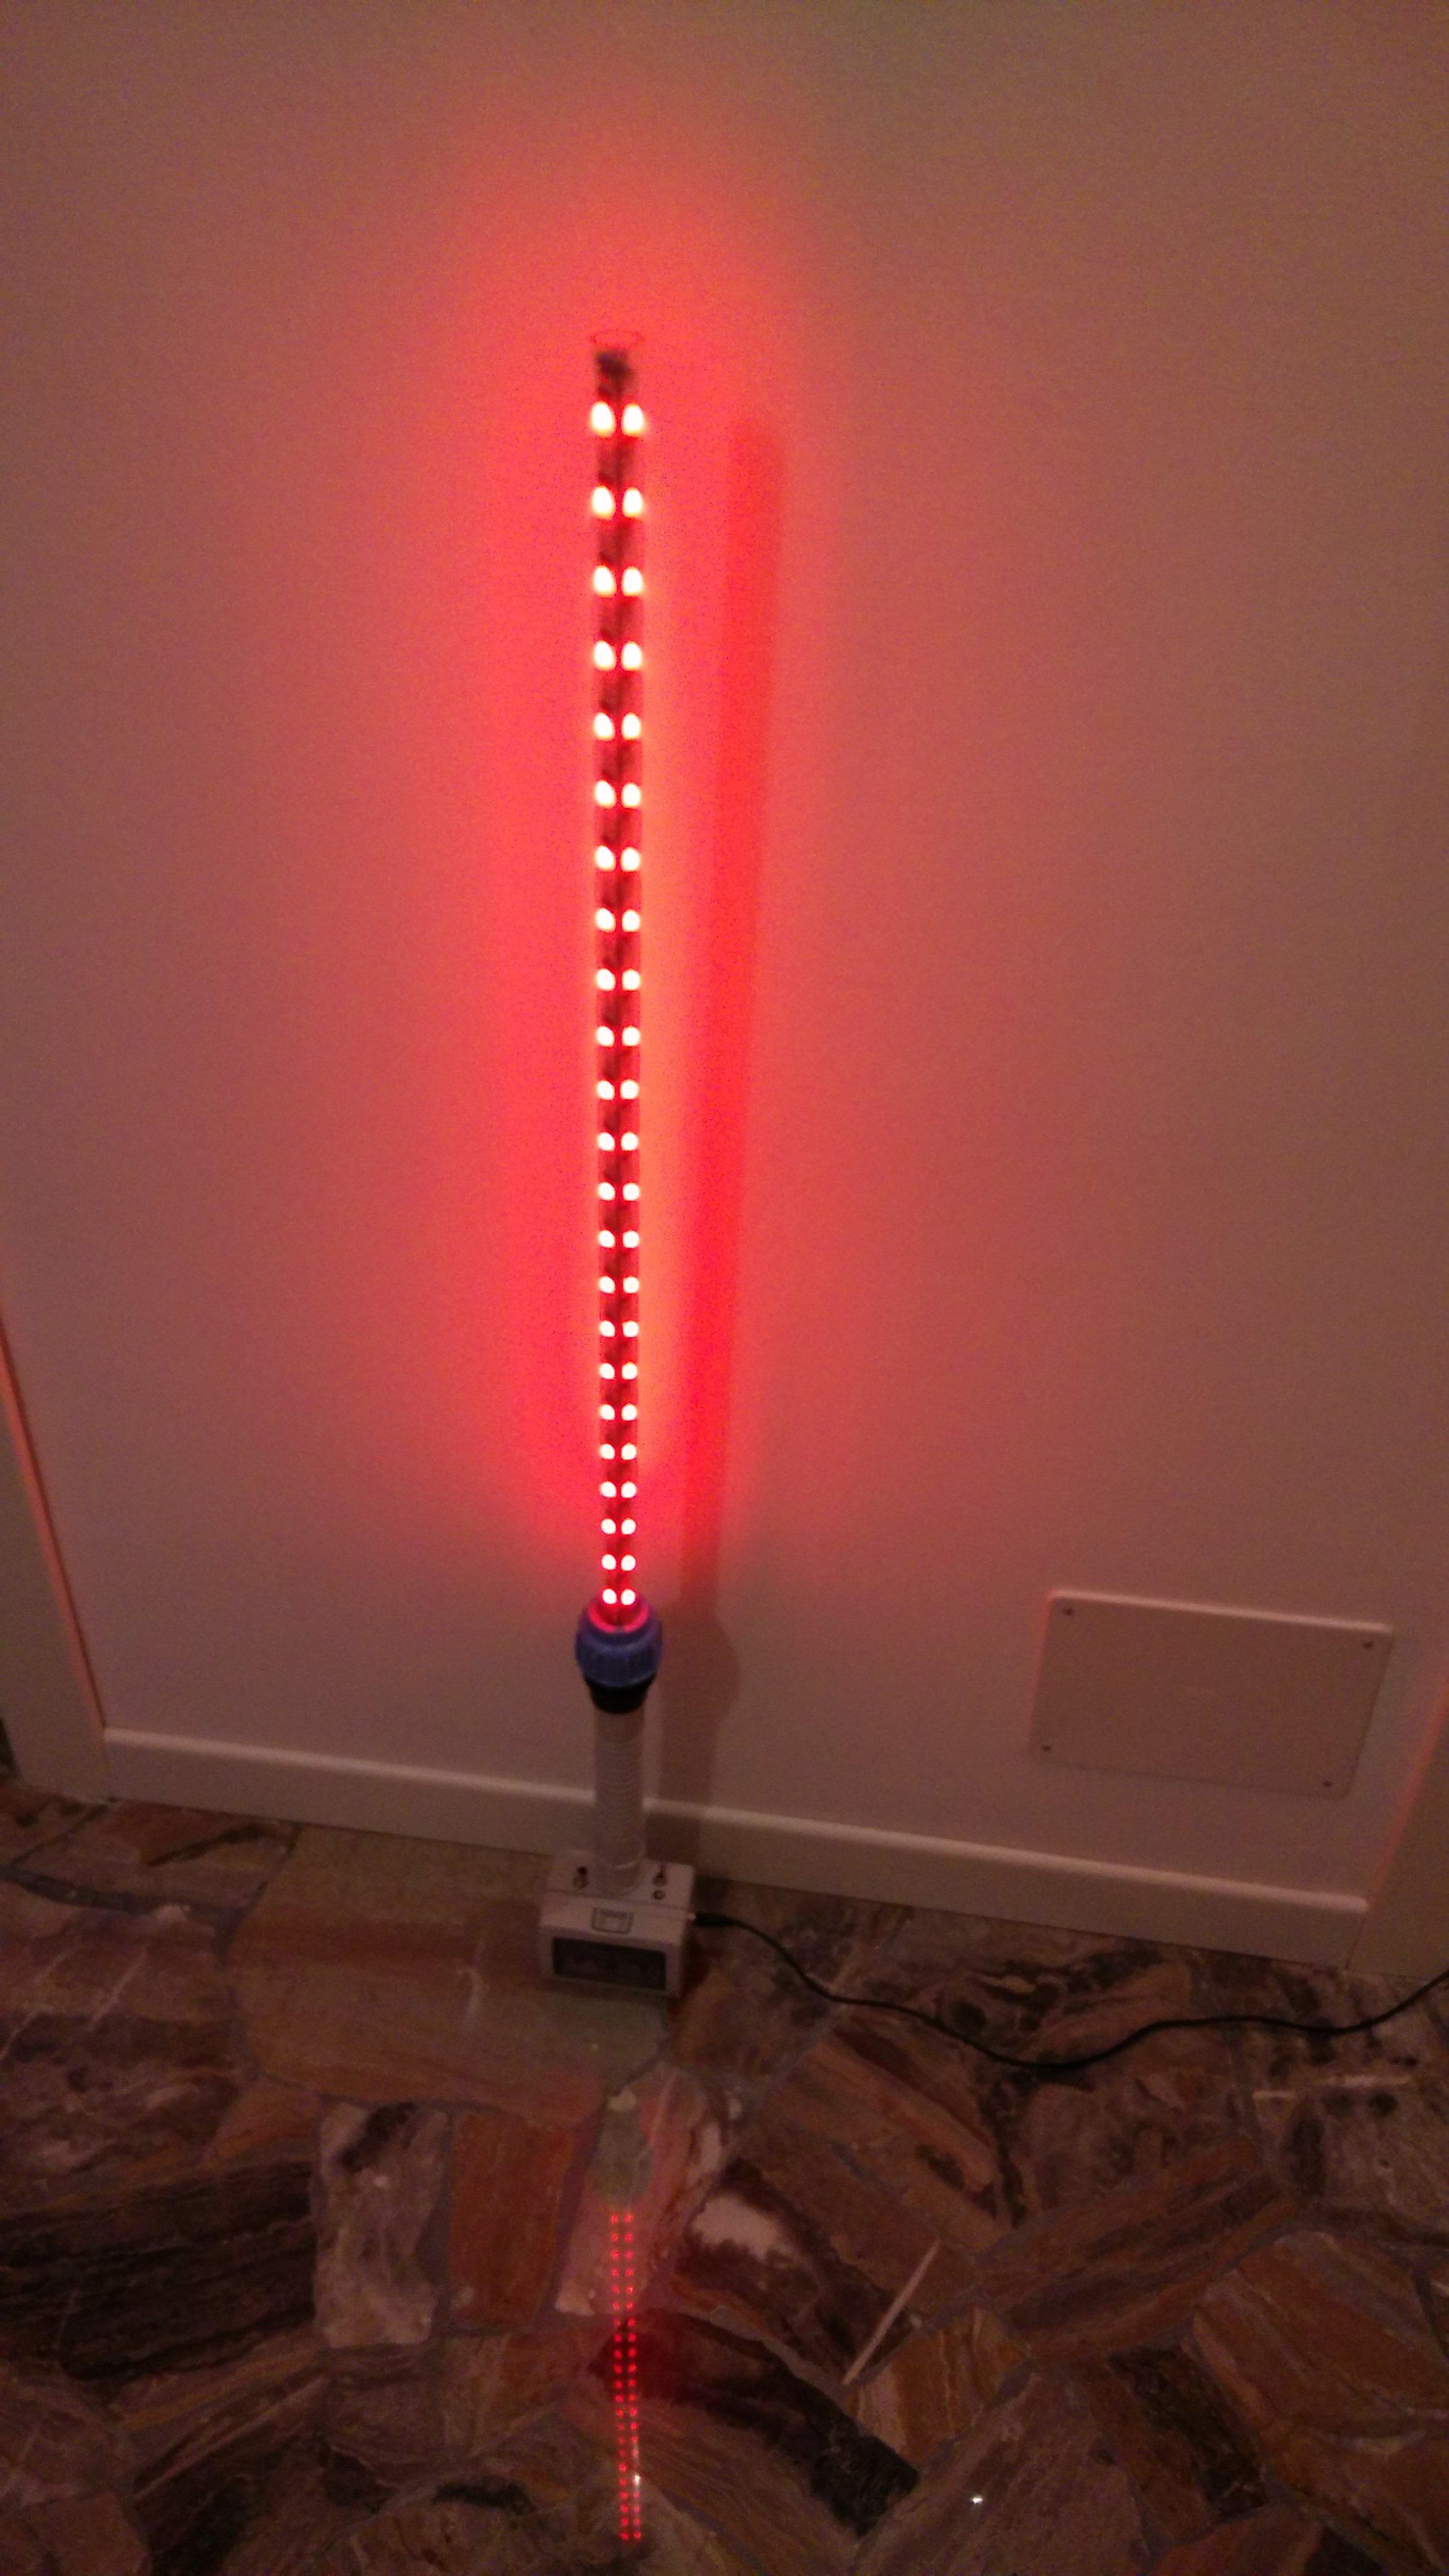 Interactive LightSaber